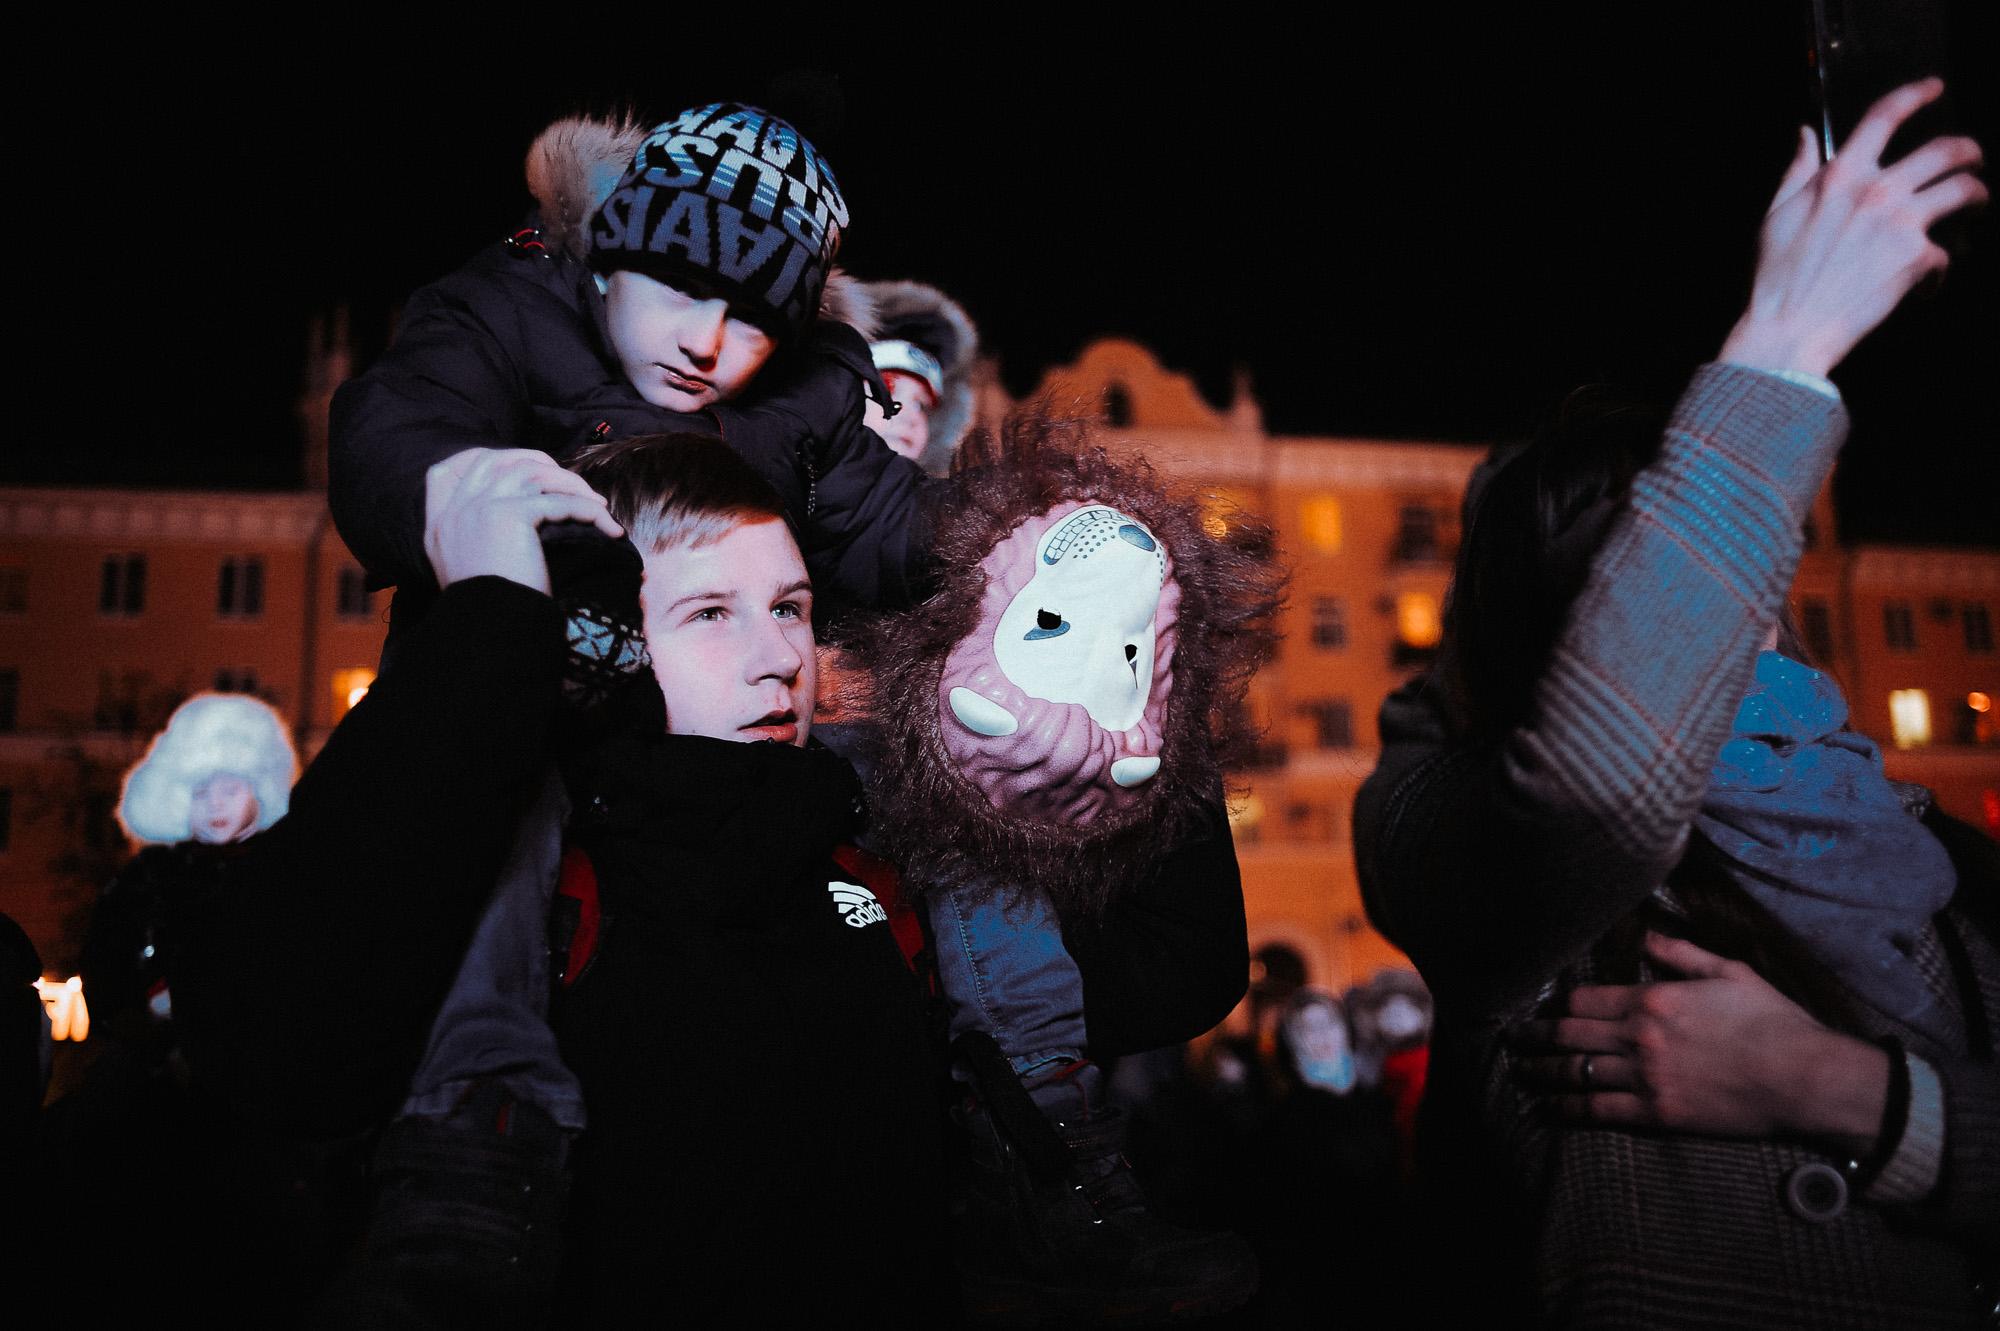 ZZZ 6937 В Астрахани на площади Ленина зажгли новогоднюю елку: кадры торжества